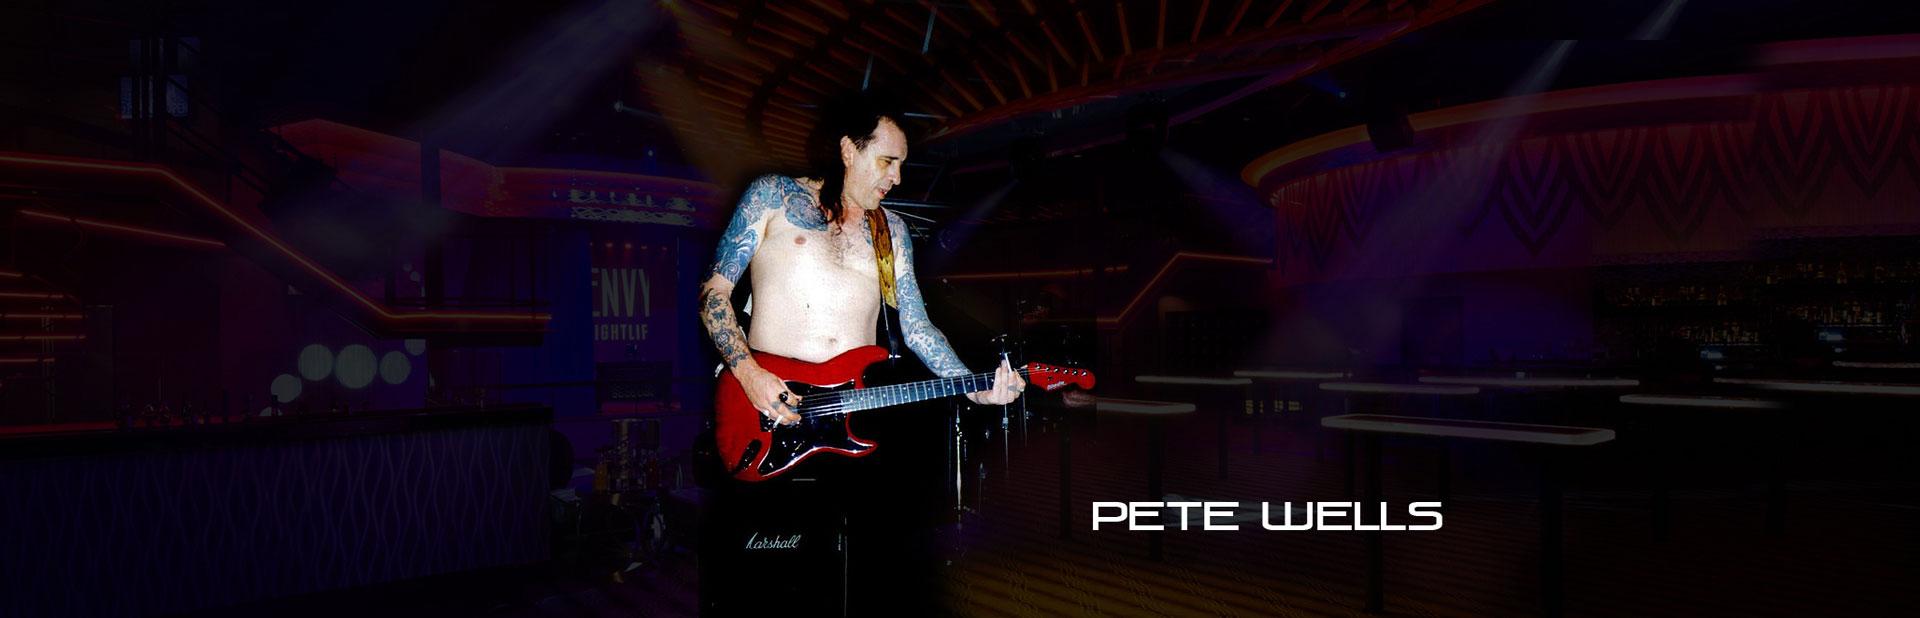 Pete Wells